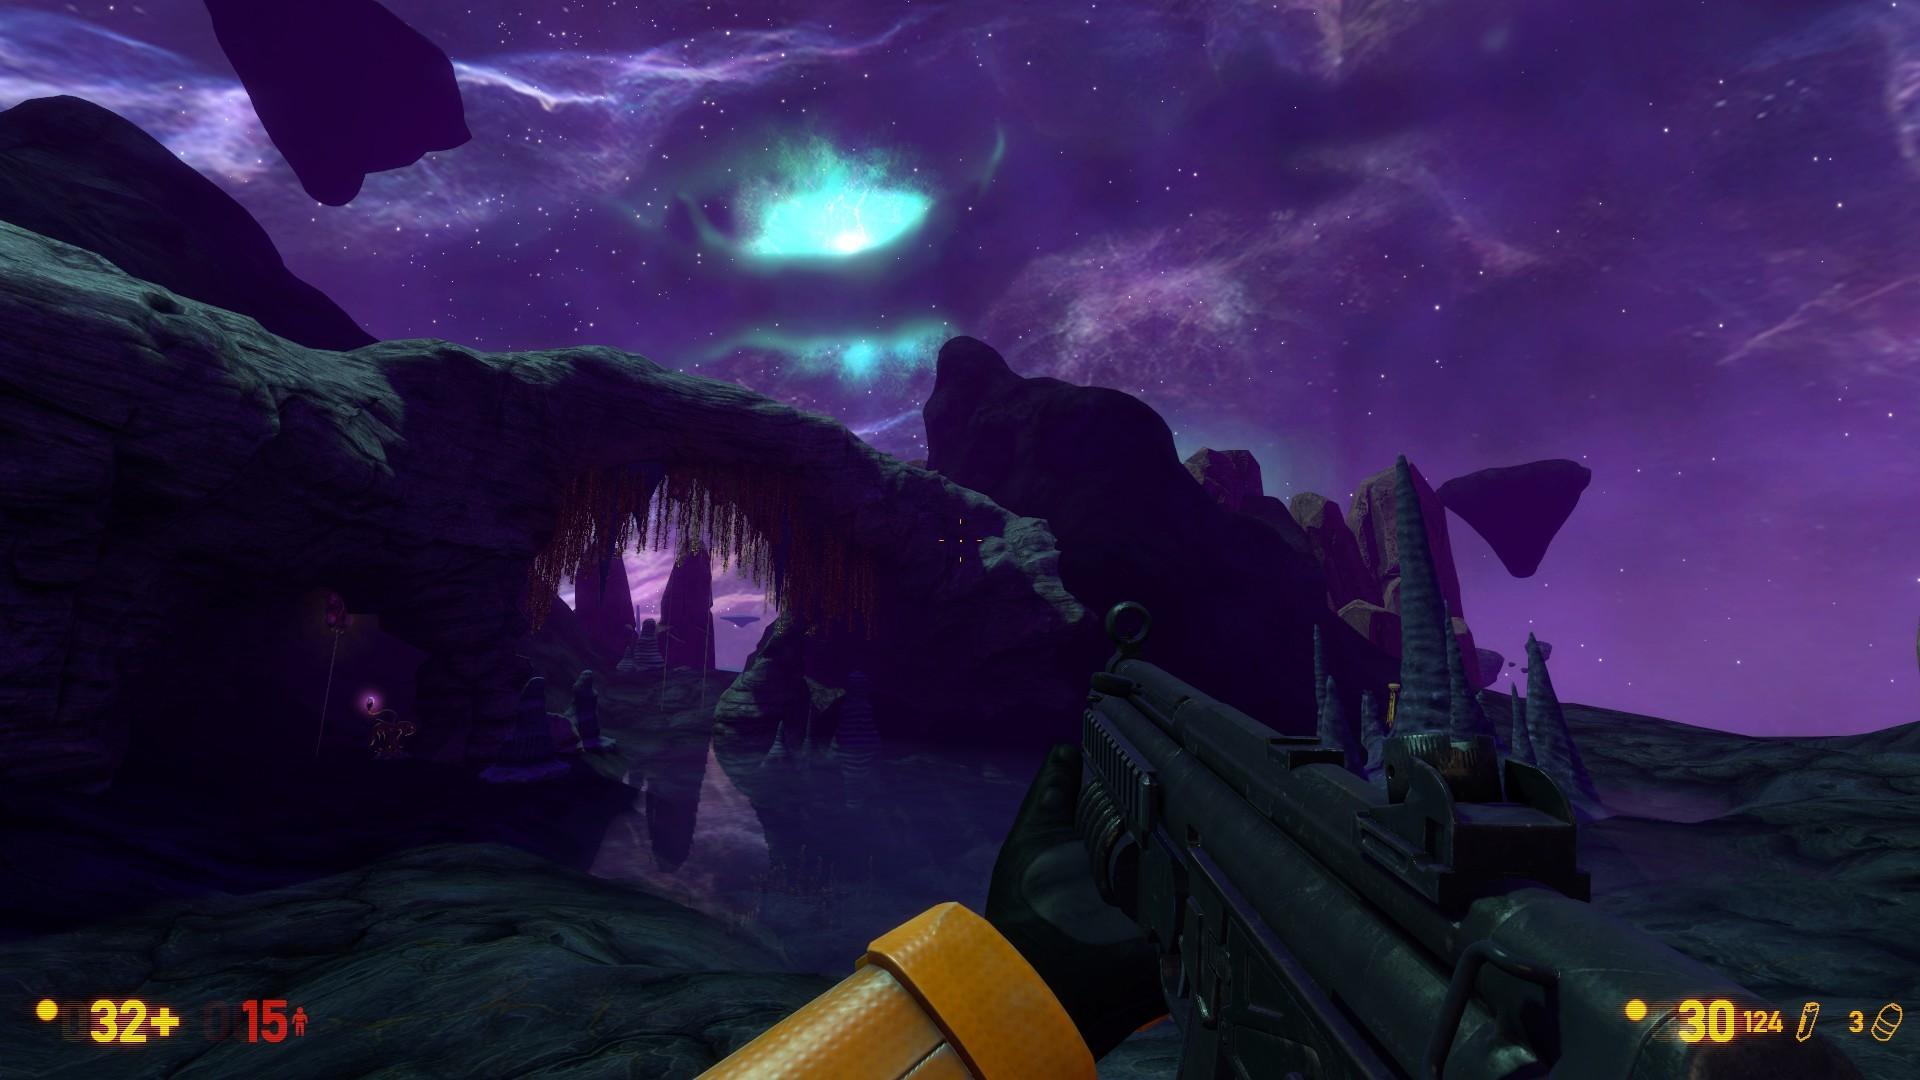 《半条命》重制版《黑山》Xen关卡新截图 画面更美了